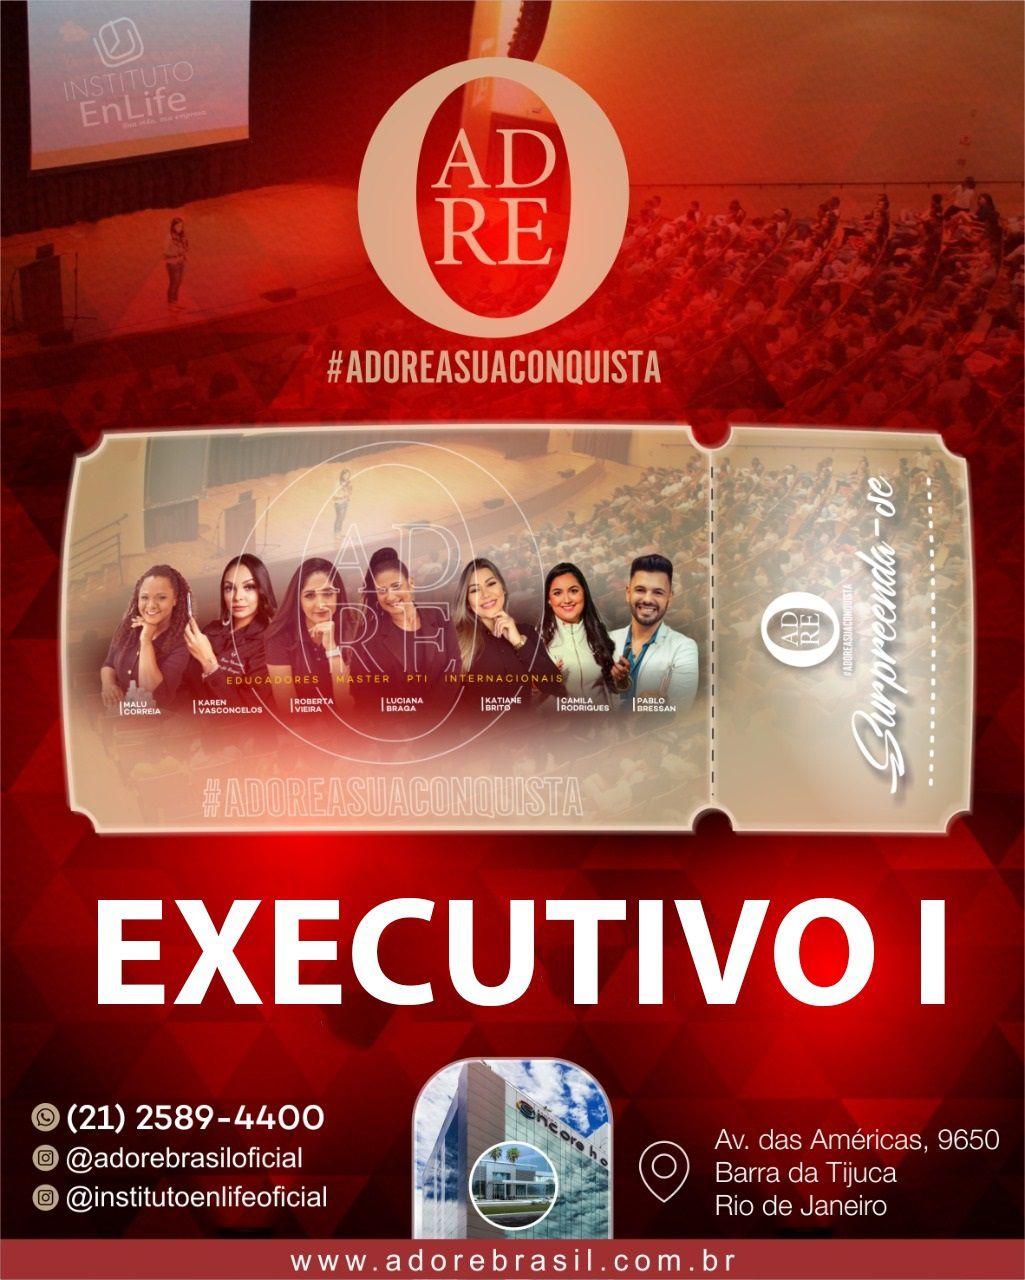 INGRESSO EXECUTIVO I PARA O EVENTO #ADOREASUACONQUISTA